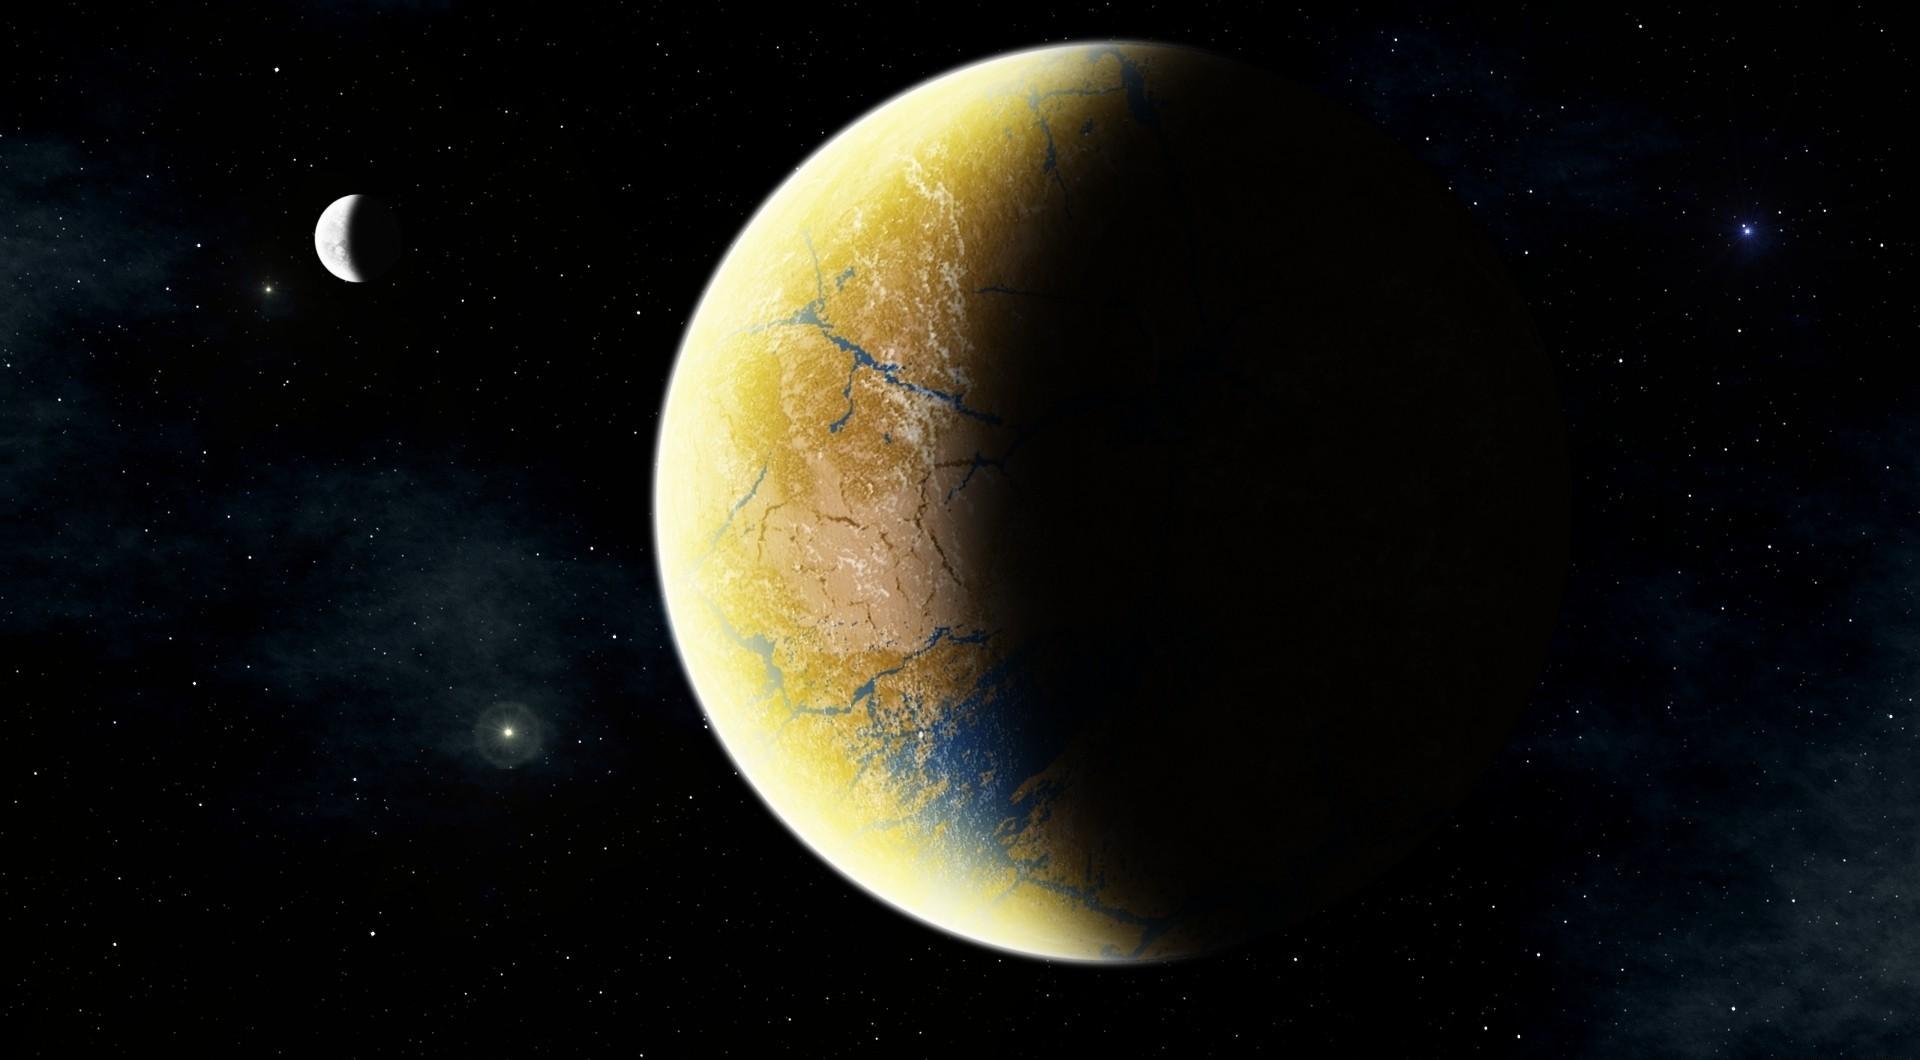 110447 Заставки и Обои Планеты на телефон. Скачать Планеты, Космос, Звезды, Тень картинки бесплатно